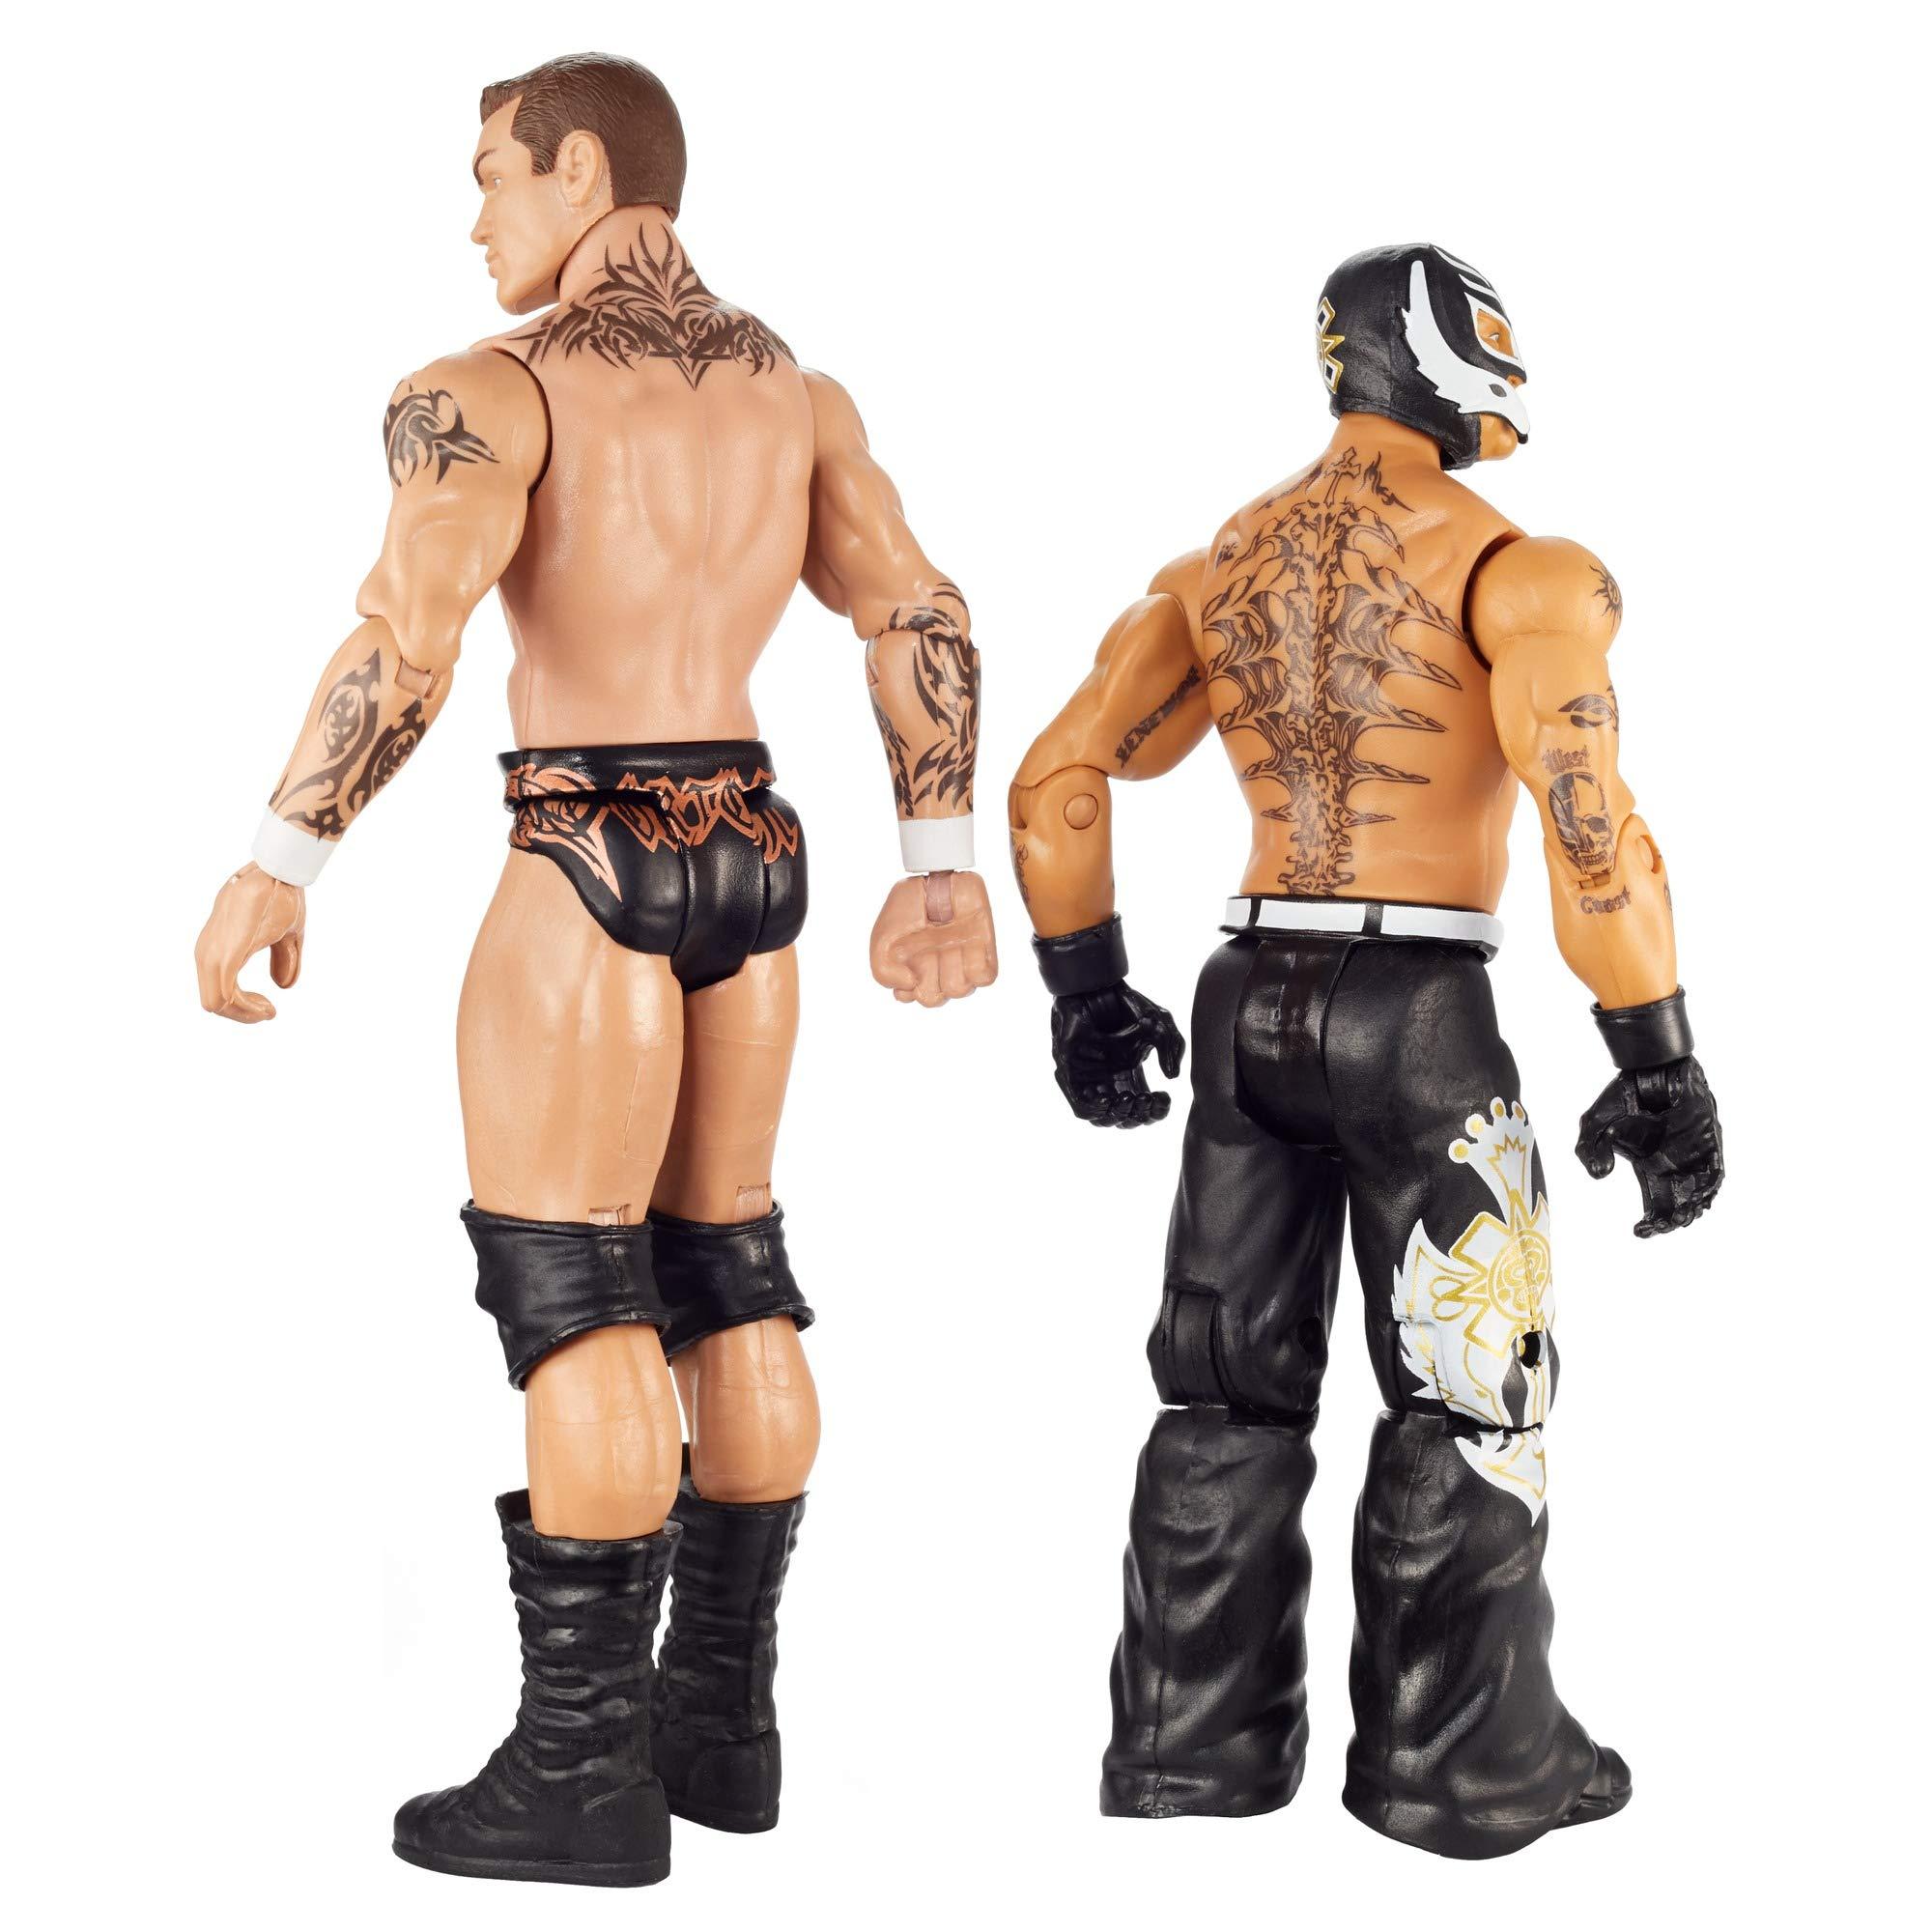 WWE GKY65 Randy Orton vs Rey Mysterio Wrestlemania 2-Pack: Amazon.es: Juguetes y juegos